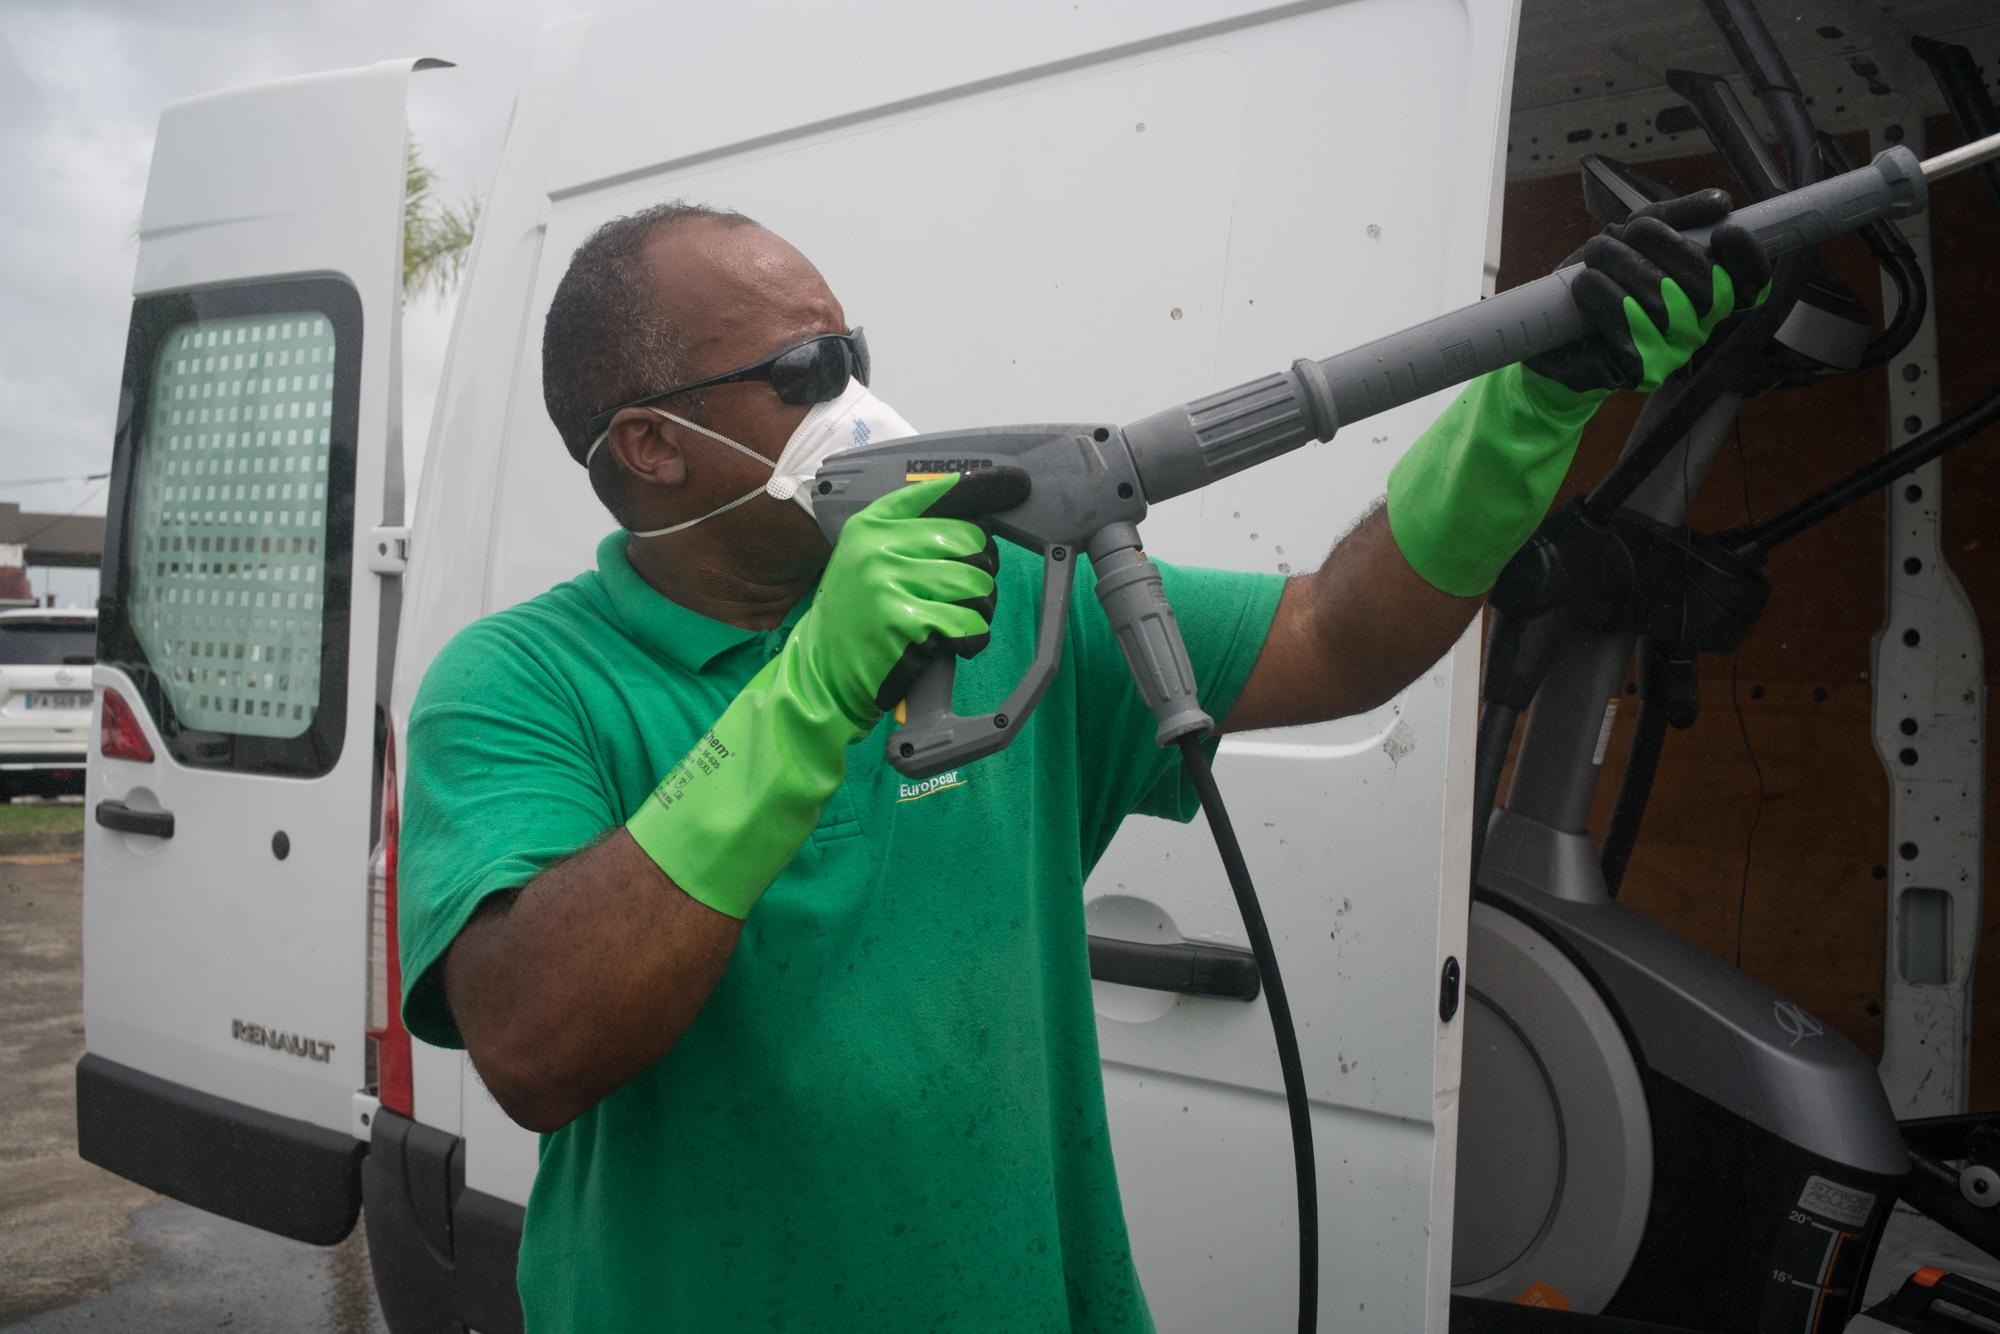 Fred porte un masque sur le nez et la bouche et passe le Kärcher à l'intérieur du véhicule.